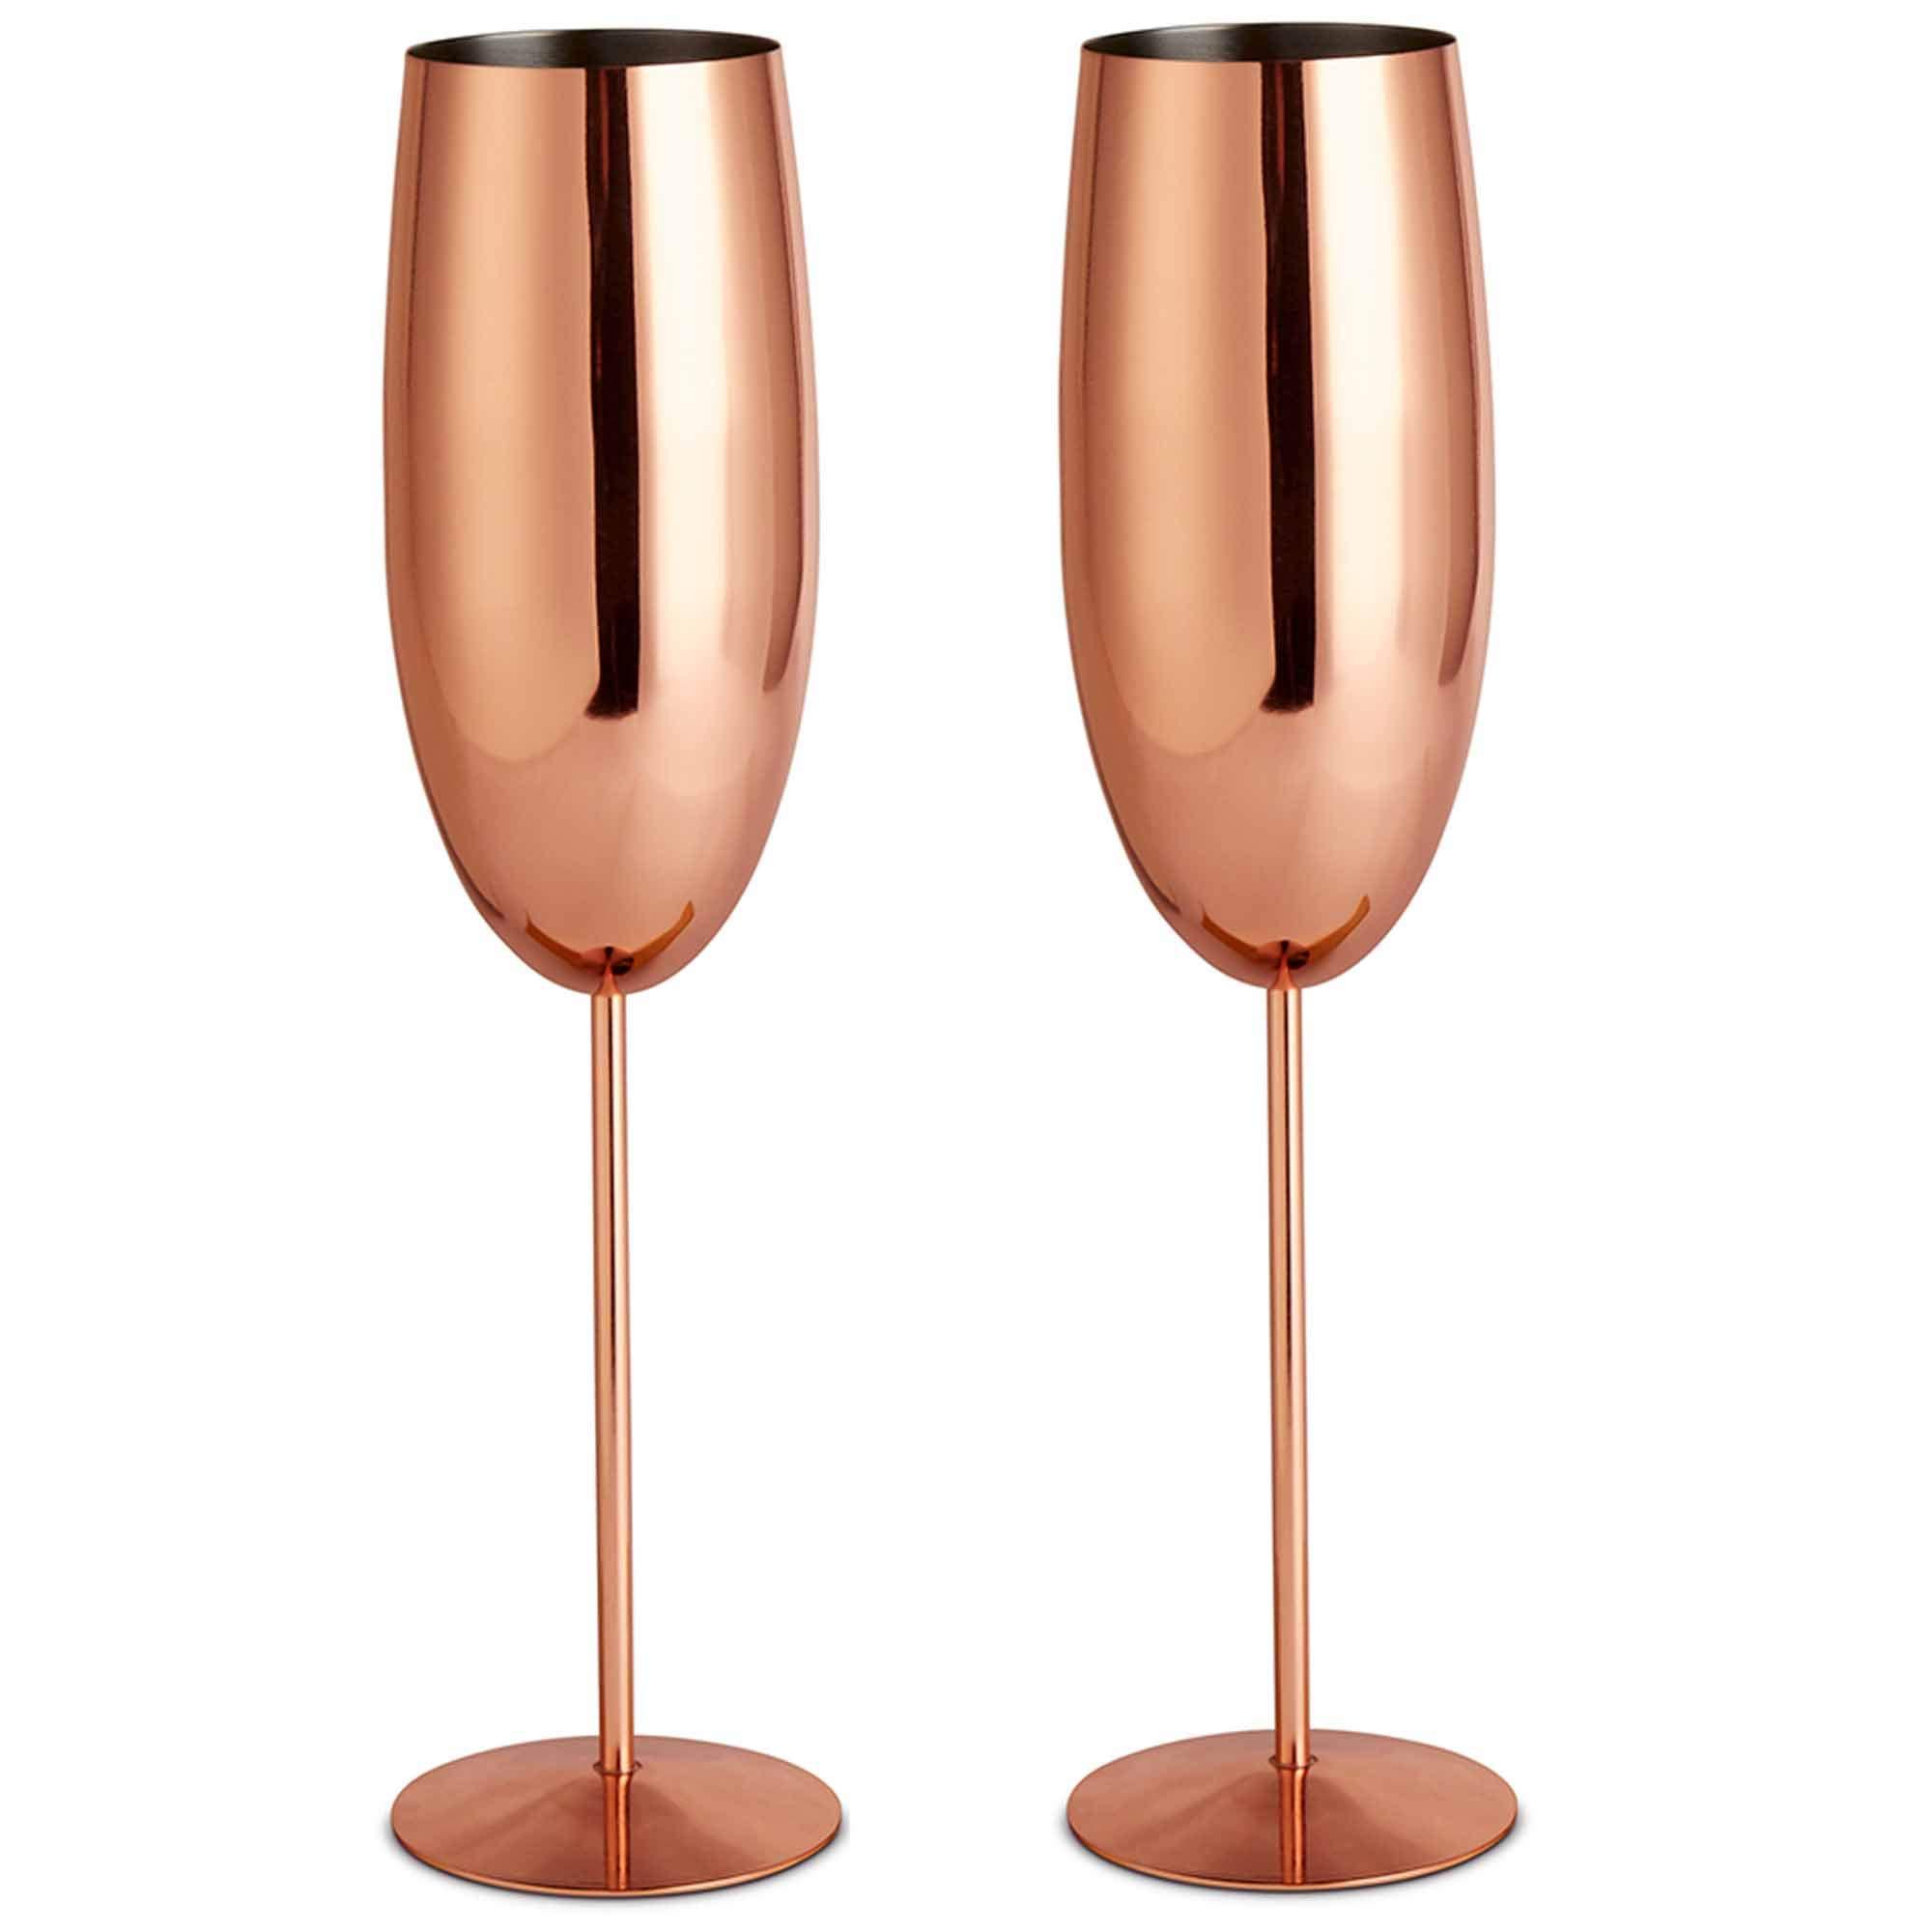 VonShef Juego de 2 Copas Flautas de Champán Color Cobre - acero inoxidable inastillable product image